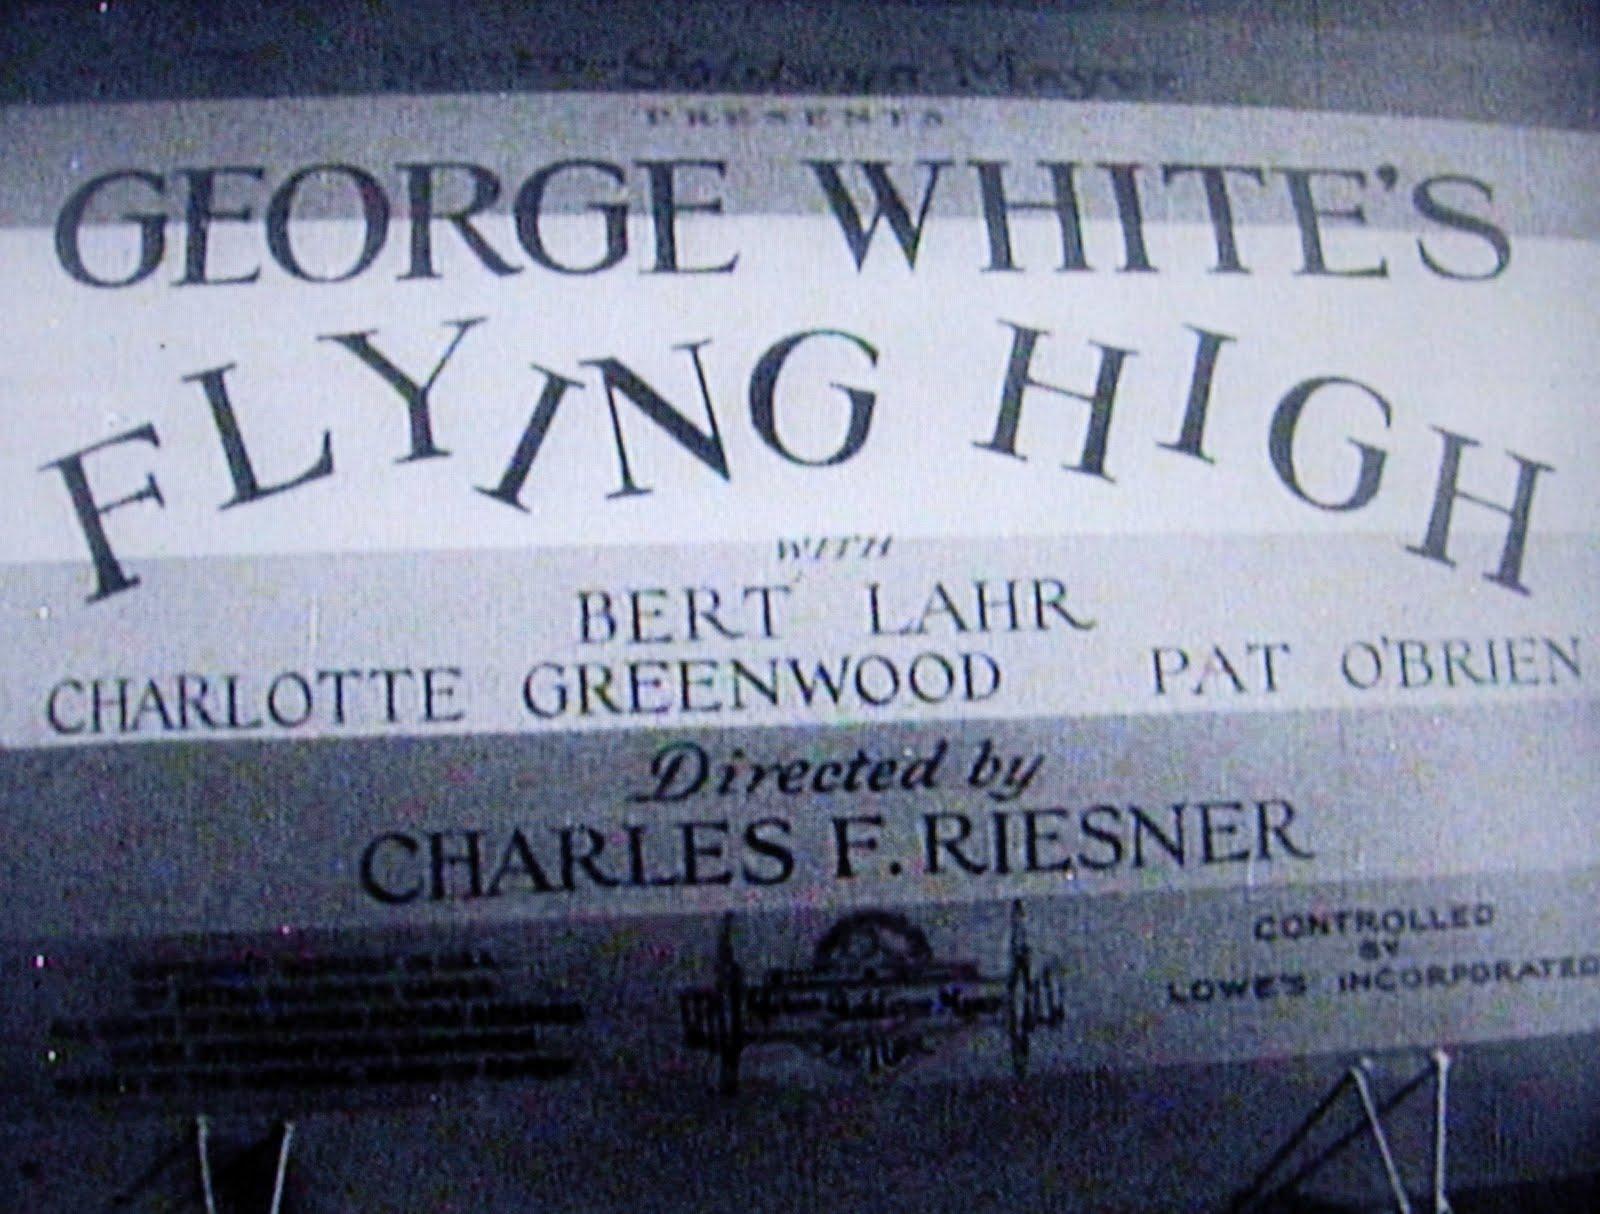 Flying High (1931 film) Dear Old Hollywood Flying High 1931 Film Locations